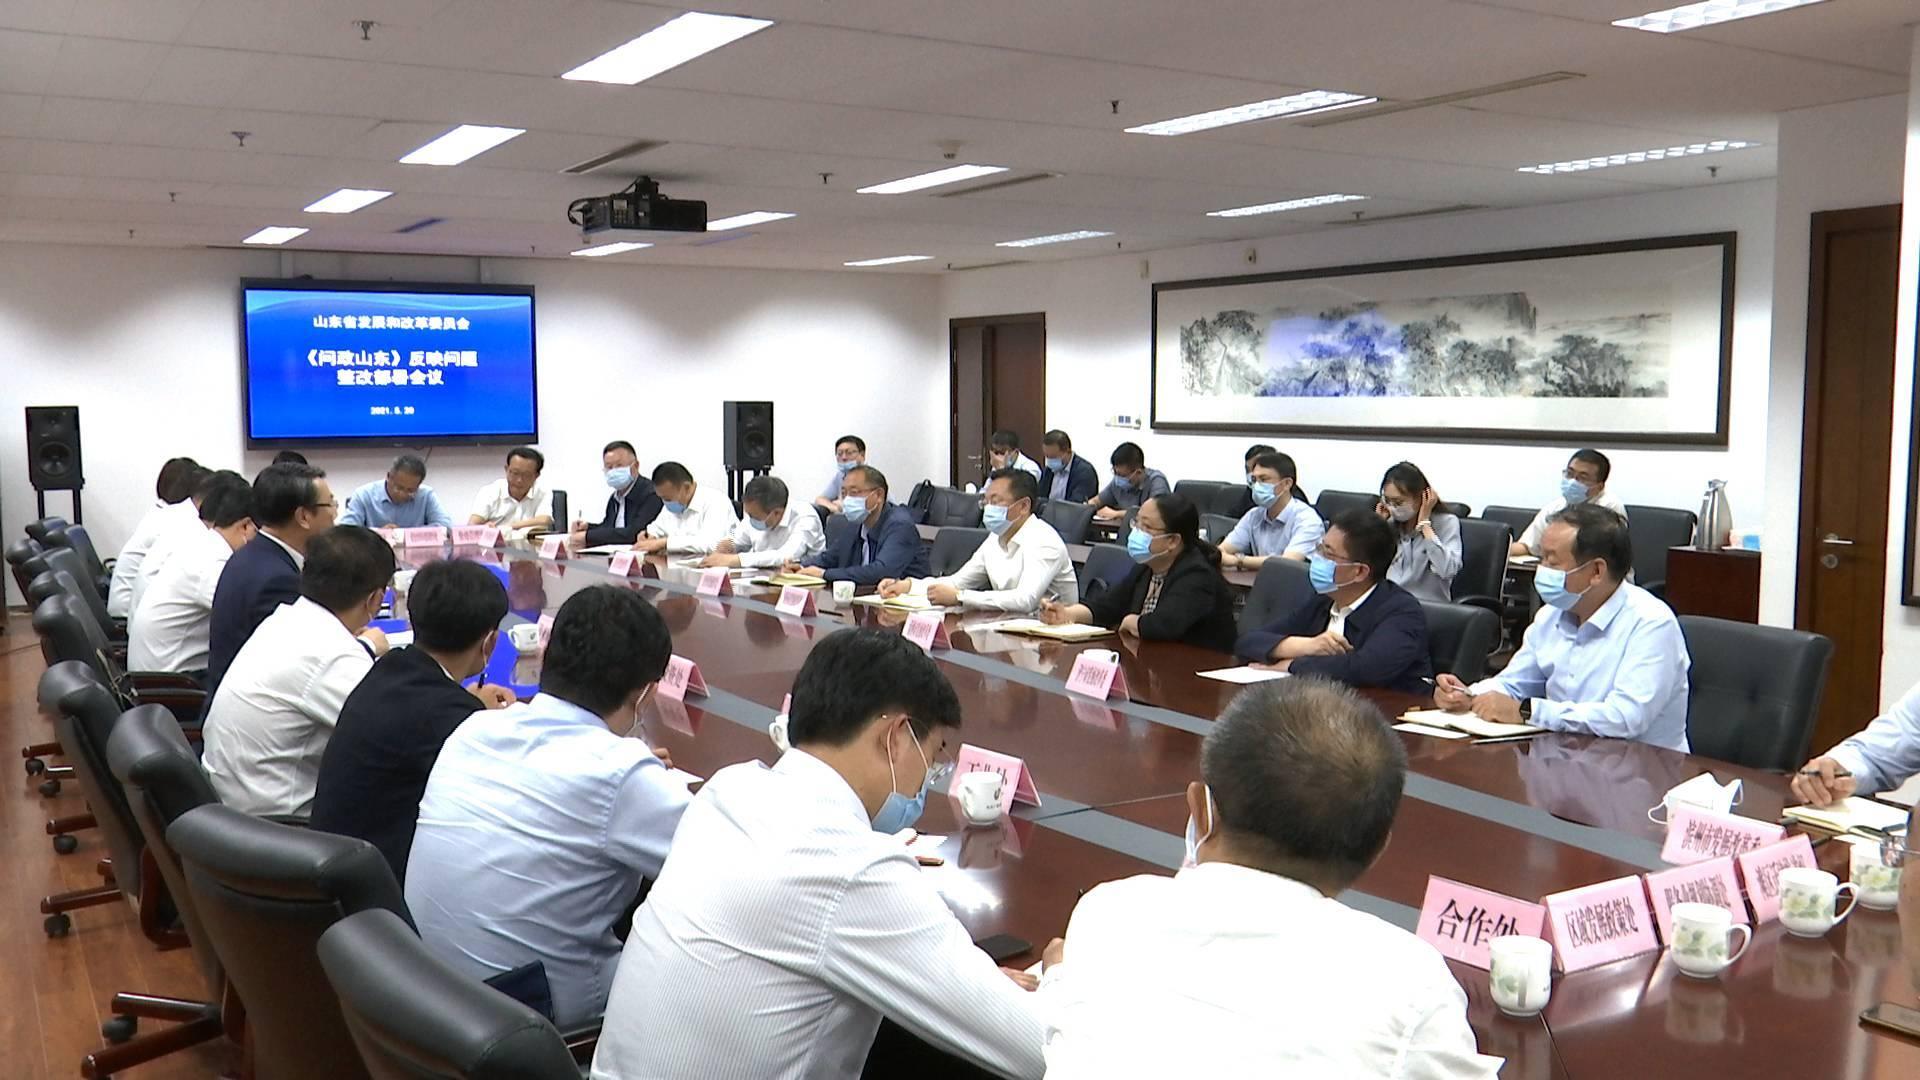 省发展改革委第一时间召开会议 部署《问政山东》反映问题整改工作